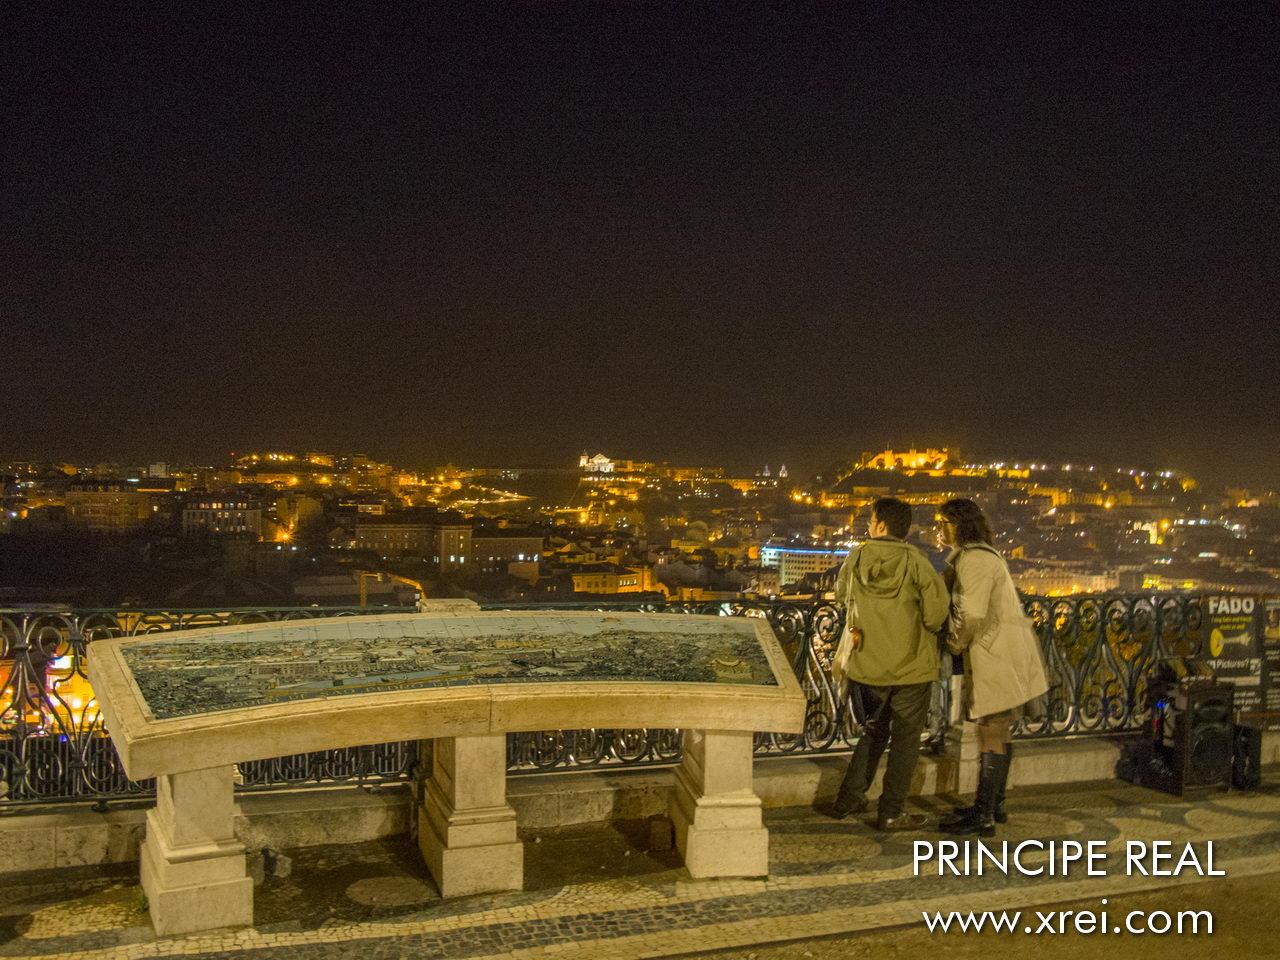 Mirador Principe Real durante ao anoitecer ganha uma atmosfera romântica mais romântica, com o brilho das luzes da cidade e a vista da silueta da cidade de Lisboa criada pela iluminação